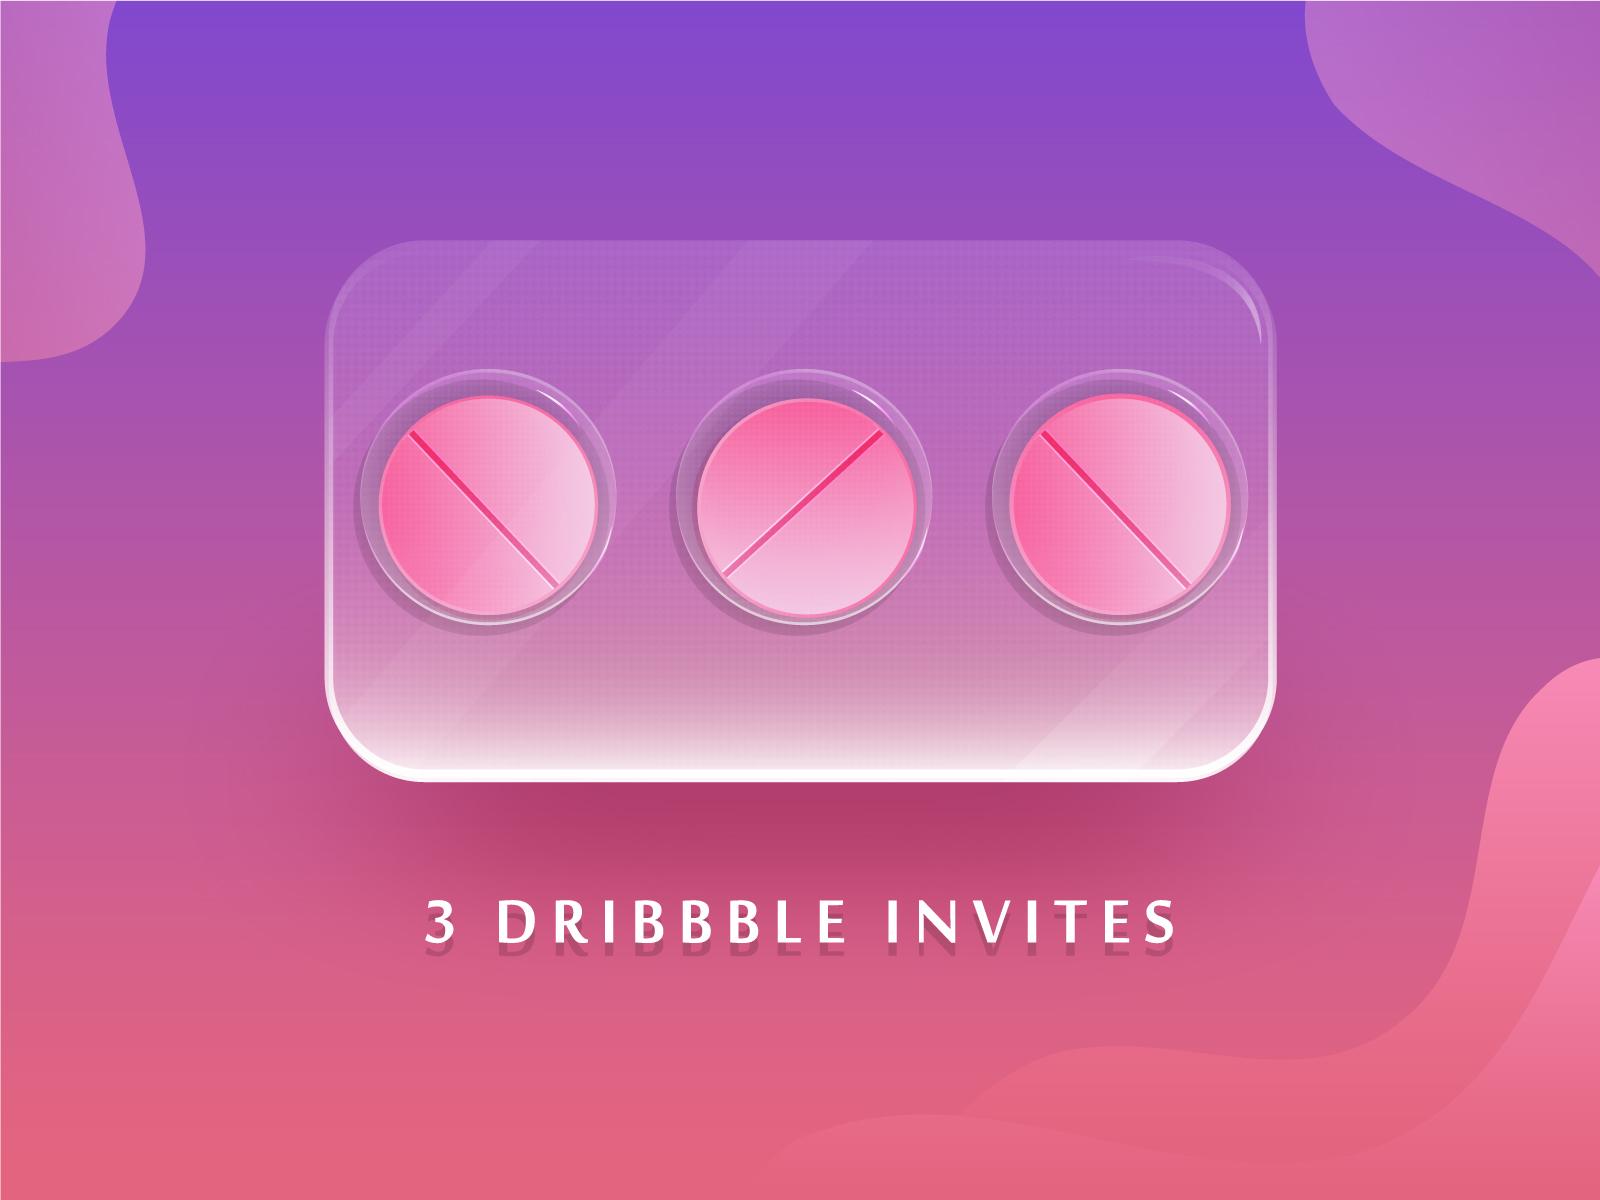 3 dribbble invites 4x